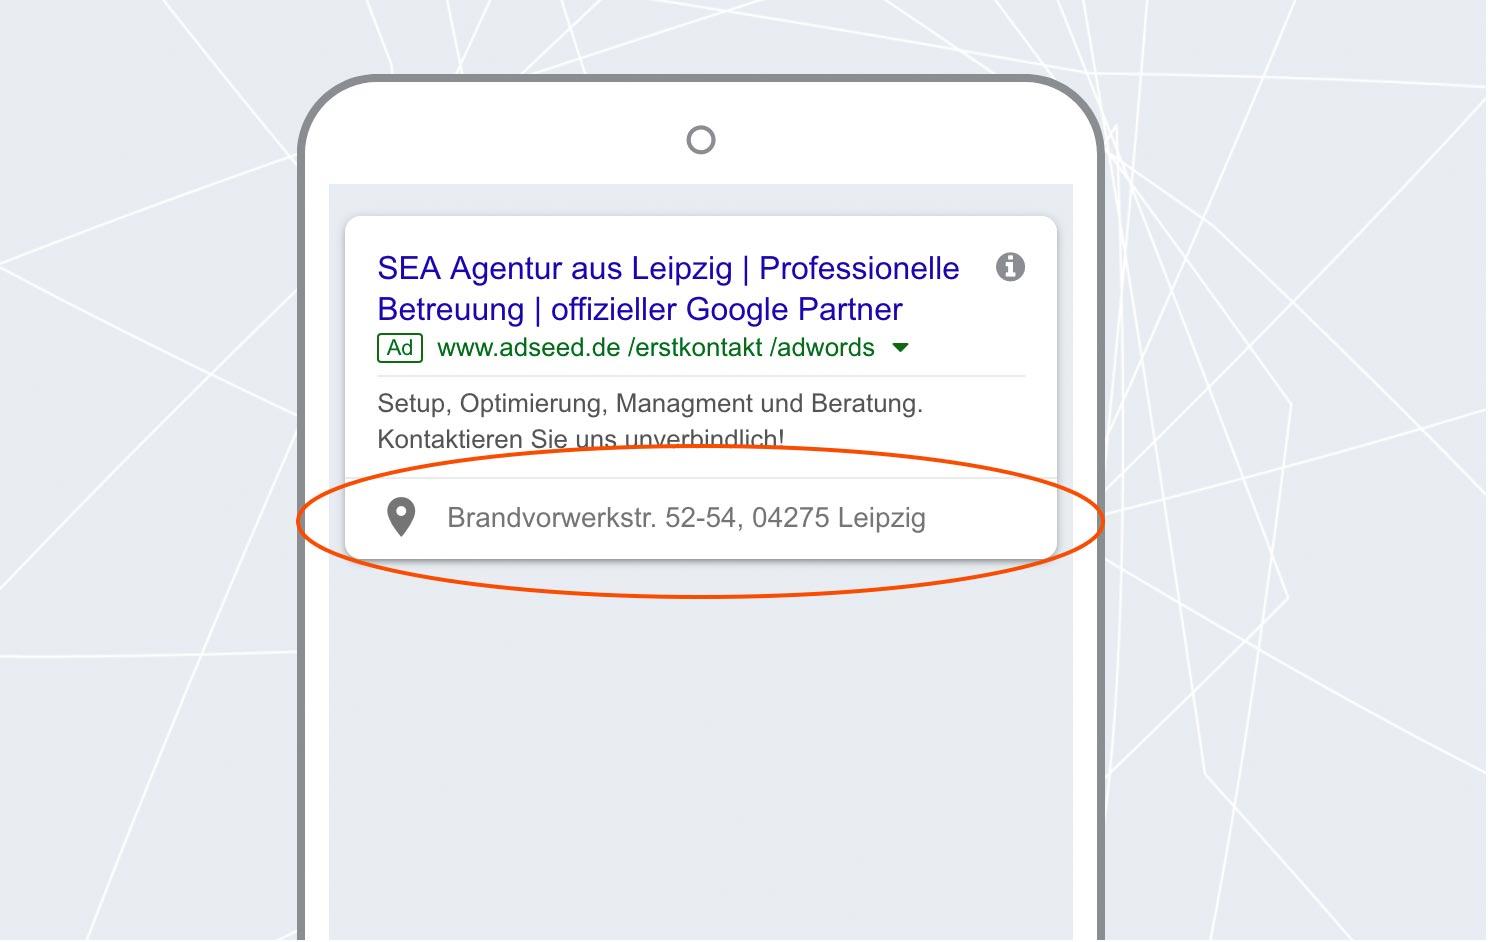 adseed - Google Ads Anzeige Standorterweiterung Mobil